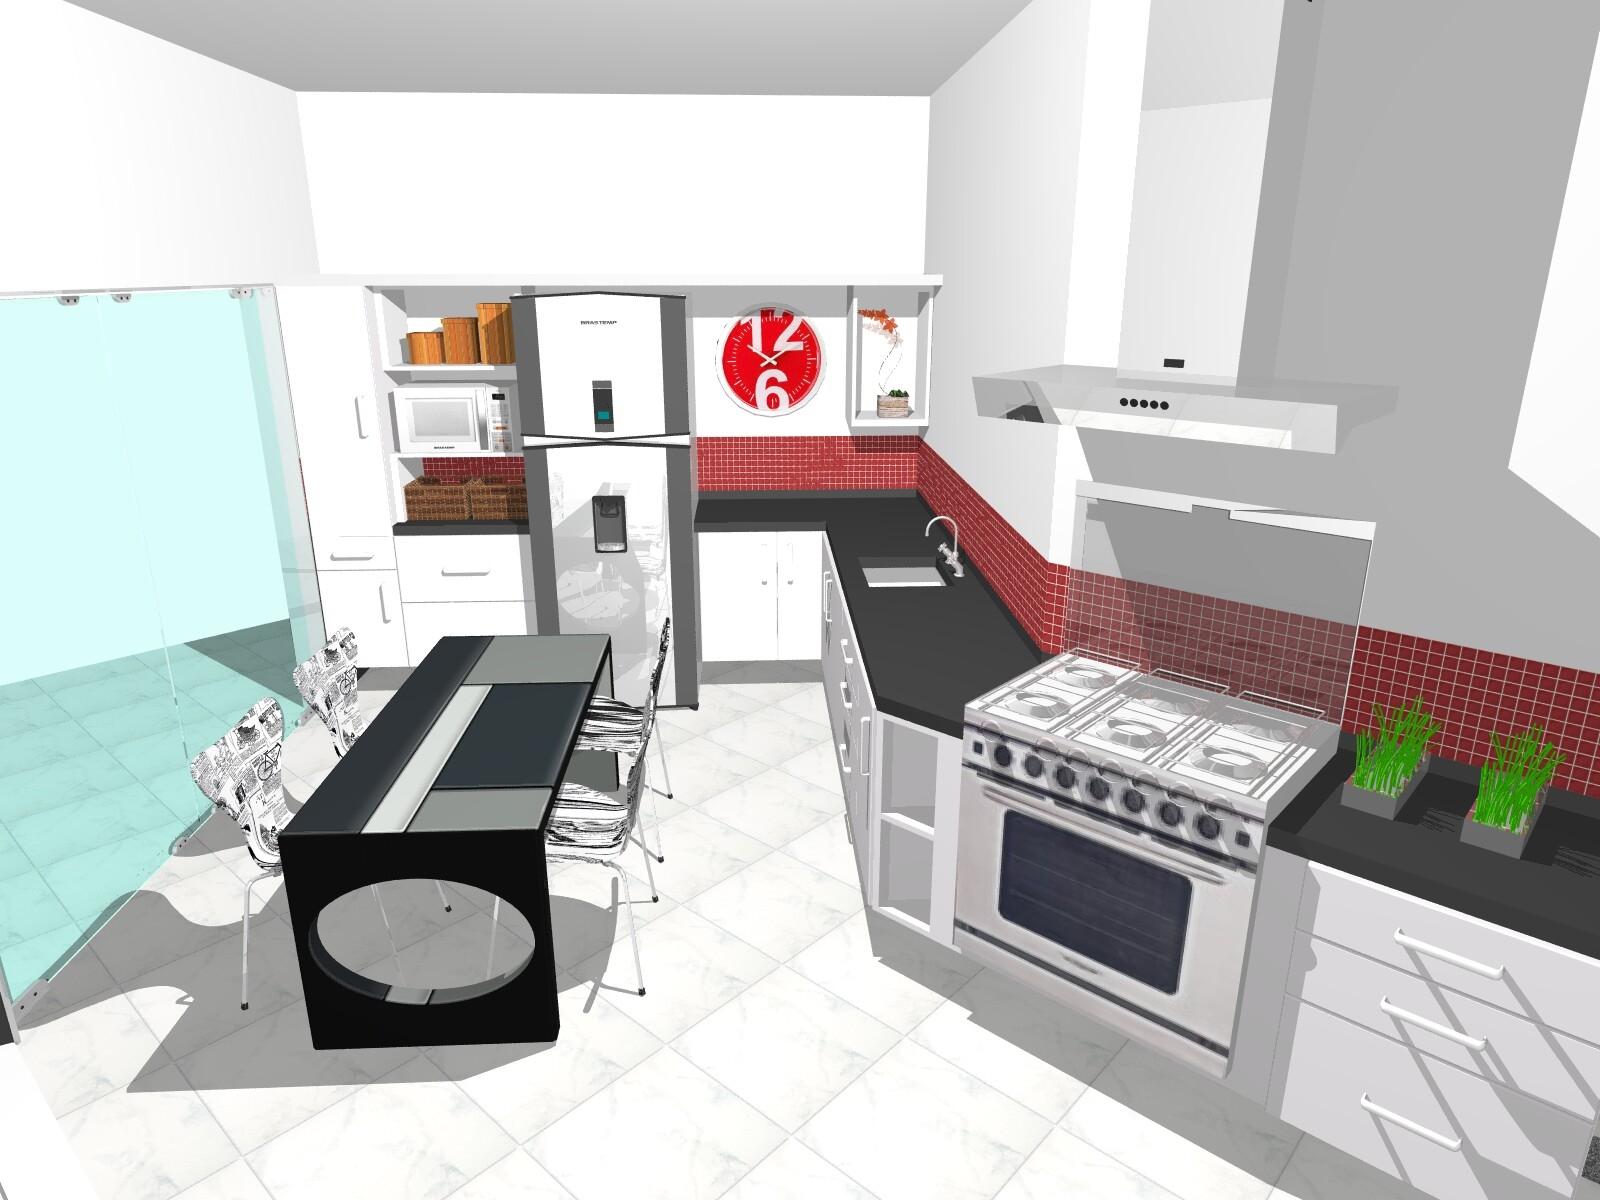 #3E7F16 Para estes clientes propuz uma cozinha moderna e prática para o dia  1600x1200 px Projetos De Cozinha 3d_5315 Imagens